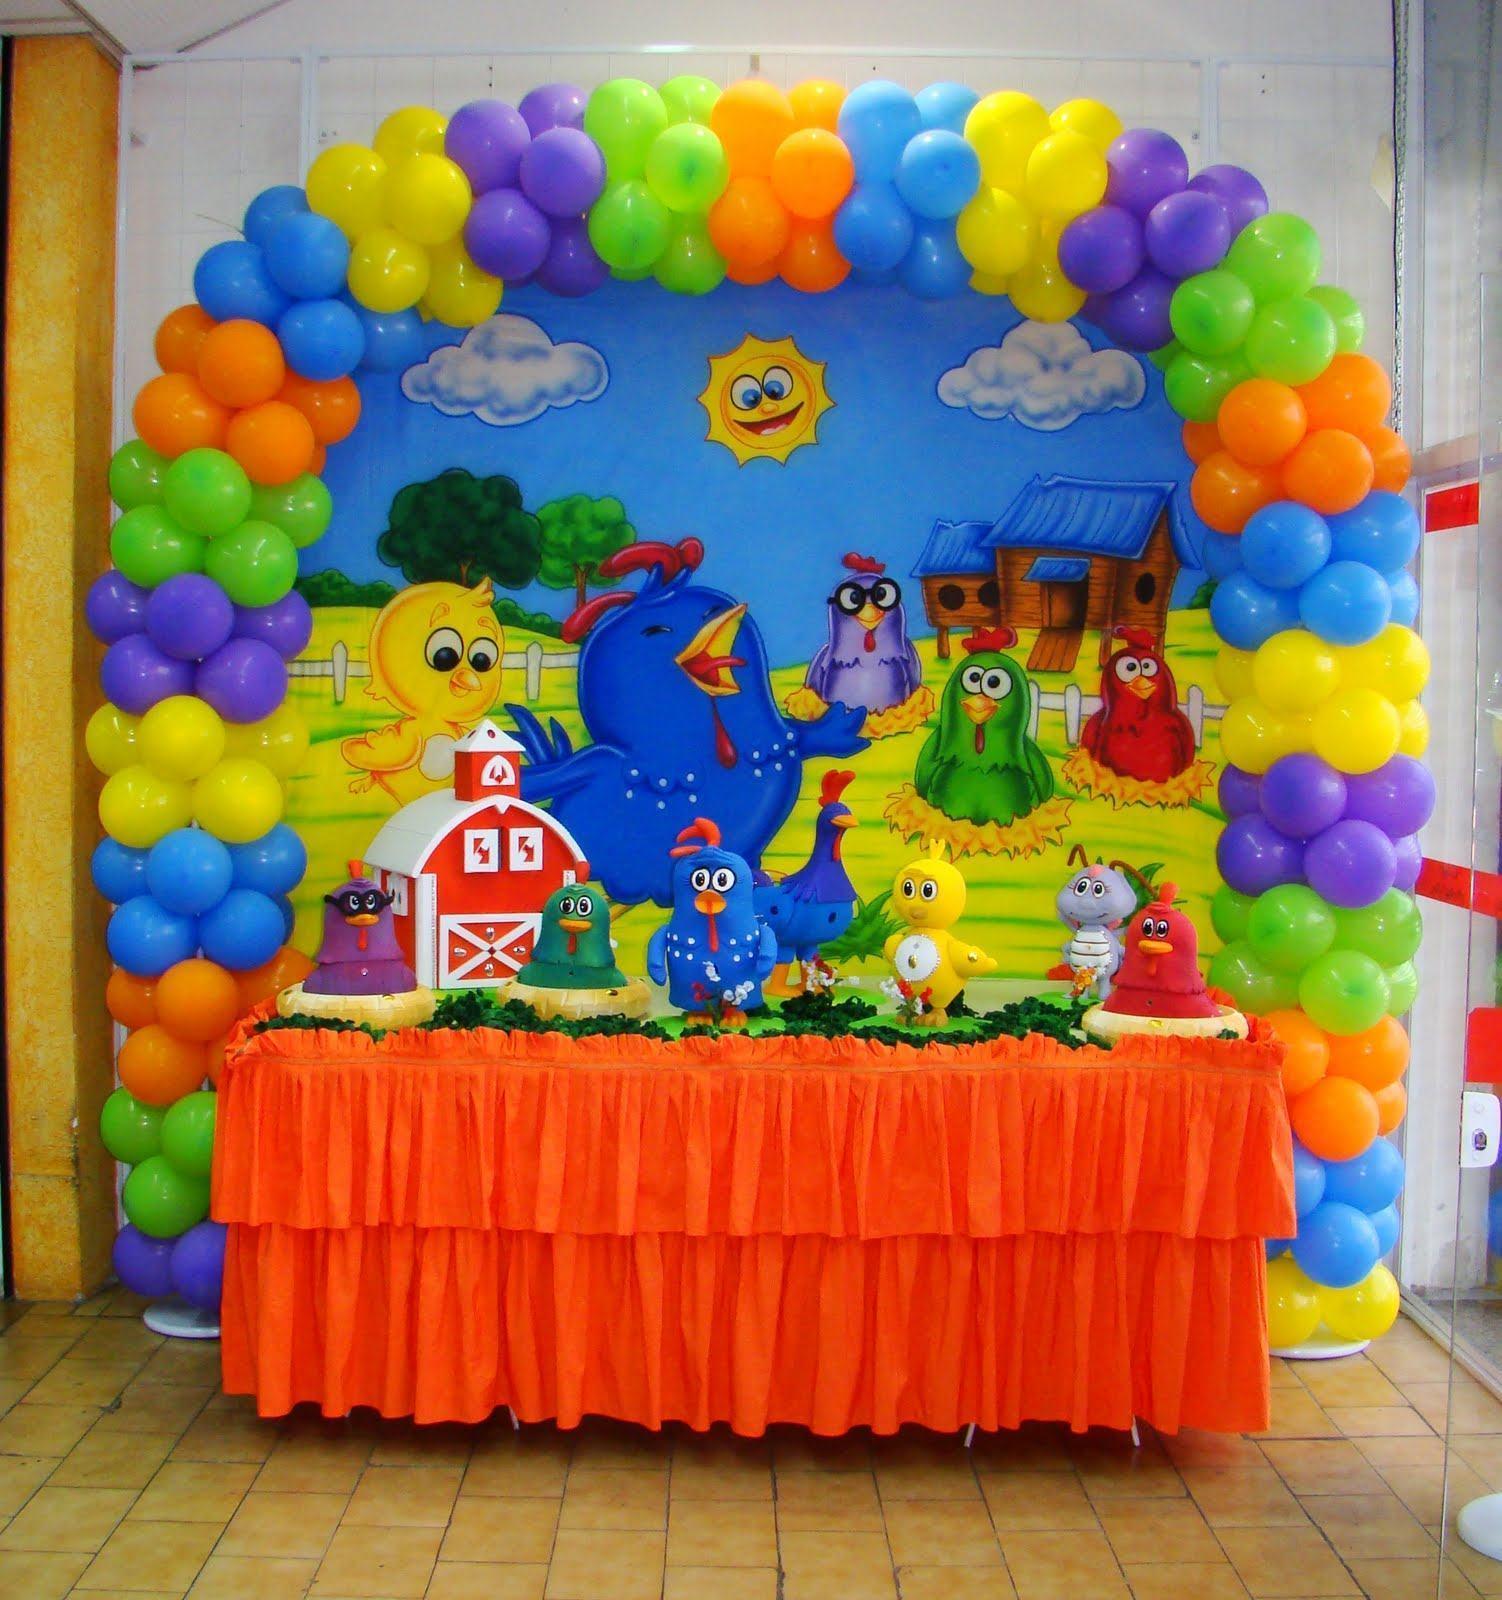 Decoraç u00e3o com Balões Como fazer? Passo a Passo # Decoração Com Balões Como Fazer Passo A Passo